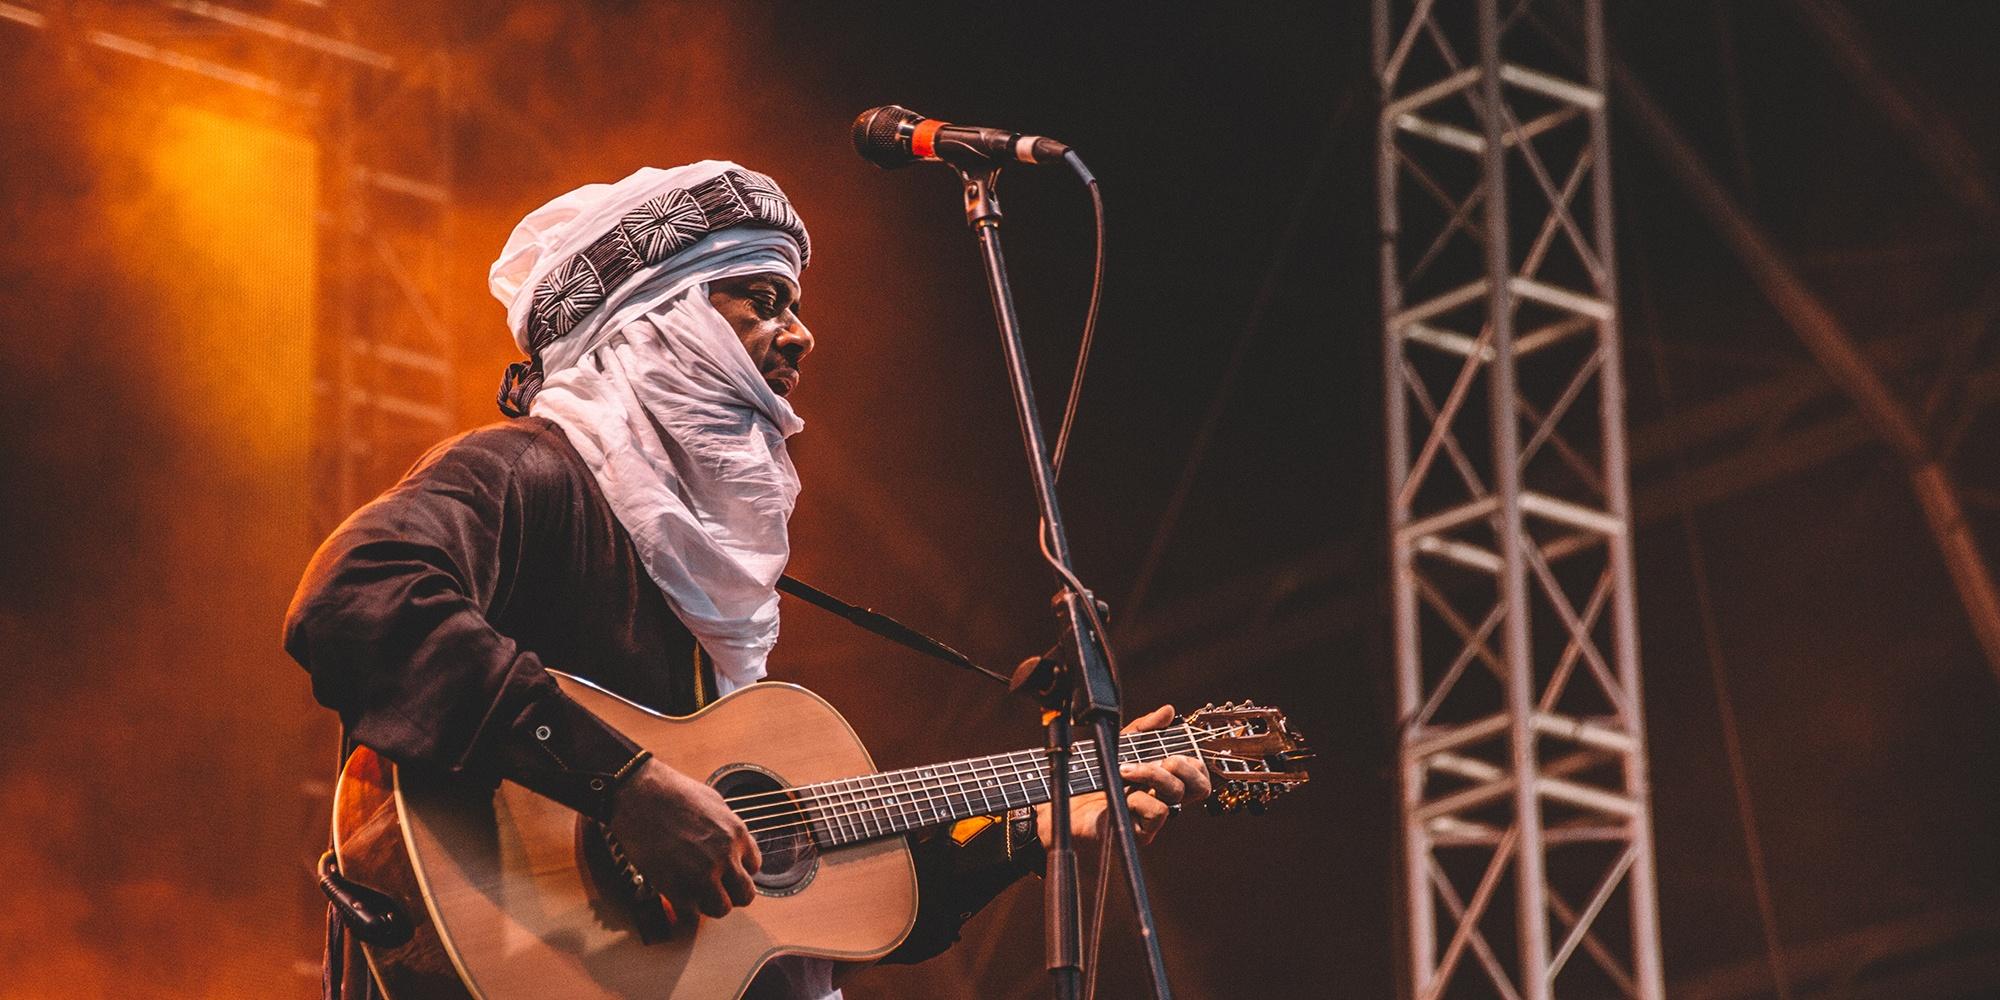 Saharan blues band Tinariwen to perform in Singapore